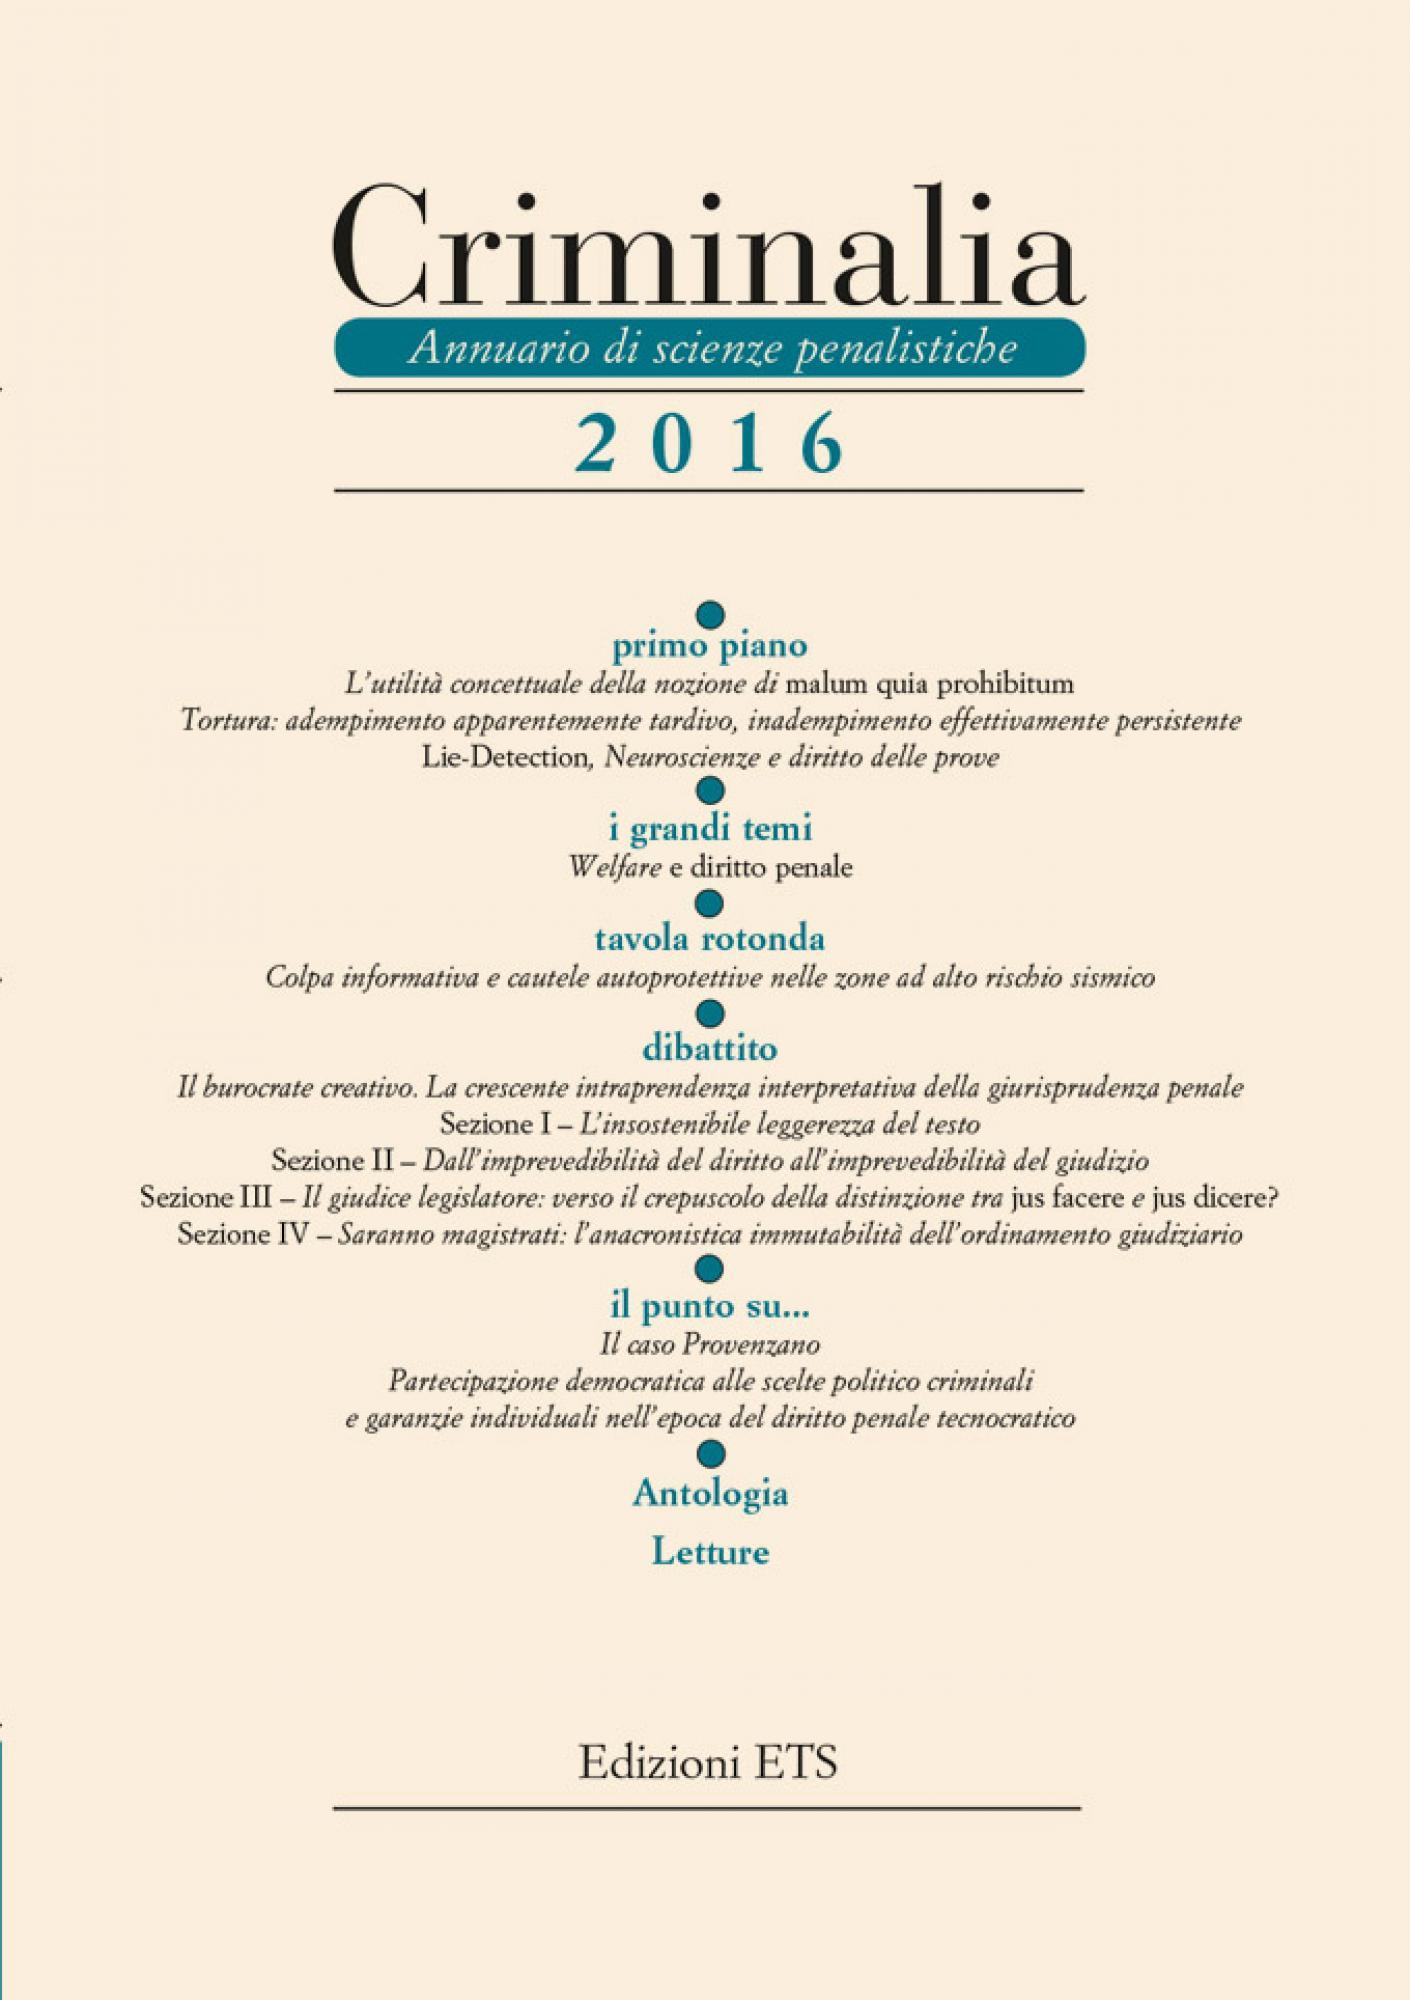 Criminalia 2016.Annuario di scienze penalistiche